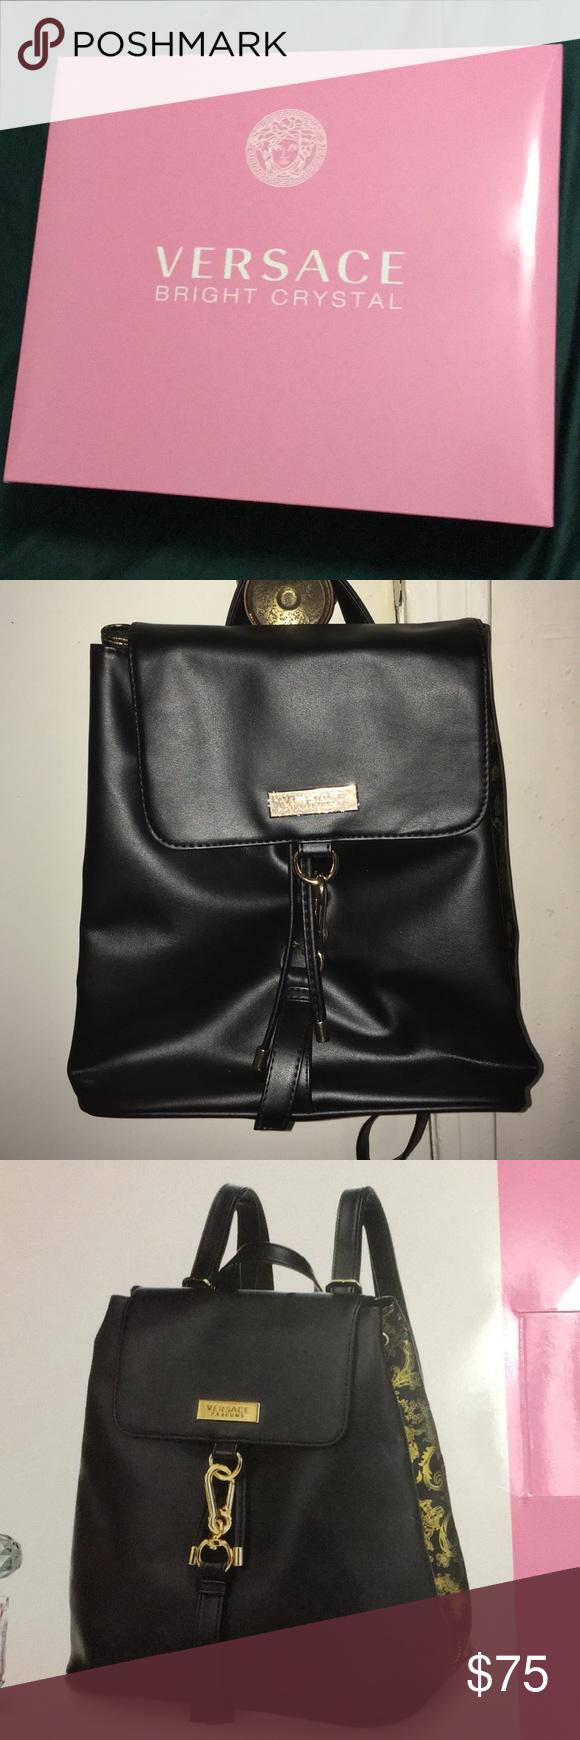 Versace Parfums Black Backpack Black Backpack Versace Bag Versace